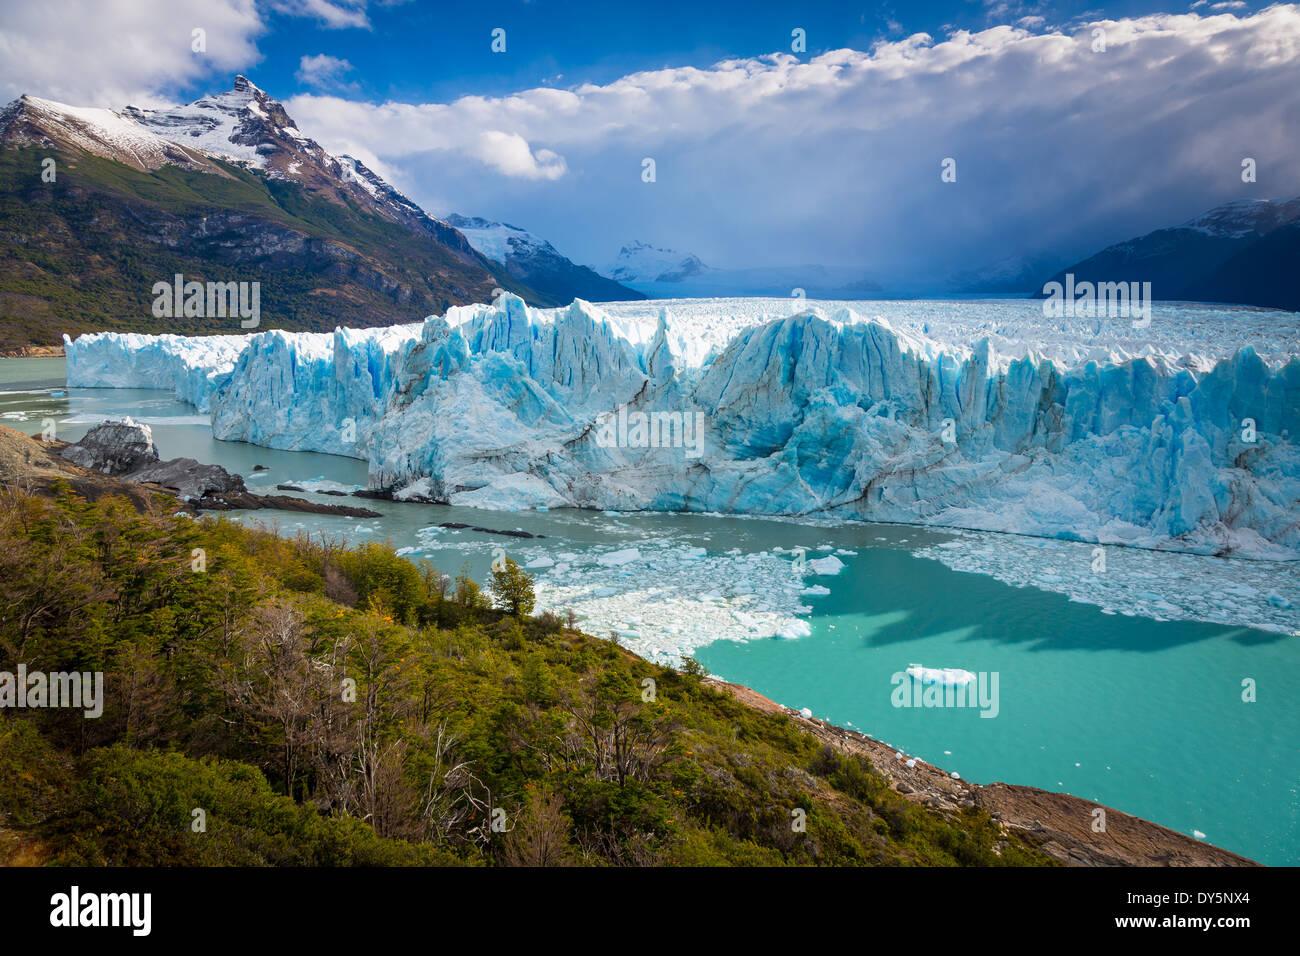 El Glaciar Perito Moreno es un glaciar ubicado en el Parque Nacional Los Glaciares, en el sudoeste de la provincia de Santa Cruz, Argentina. Imagen De Stock